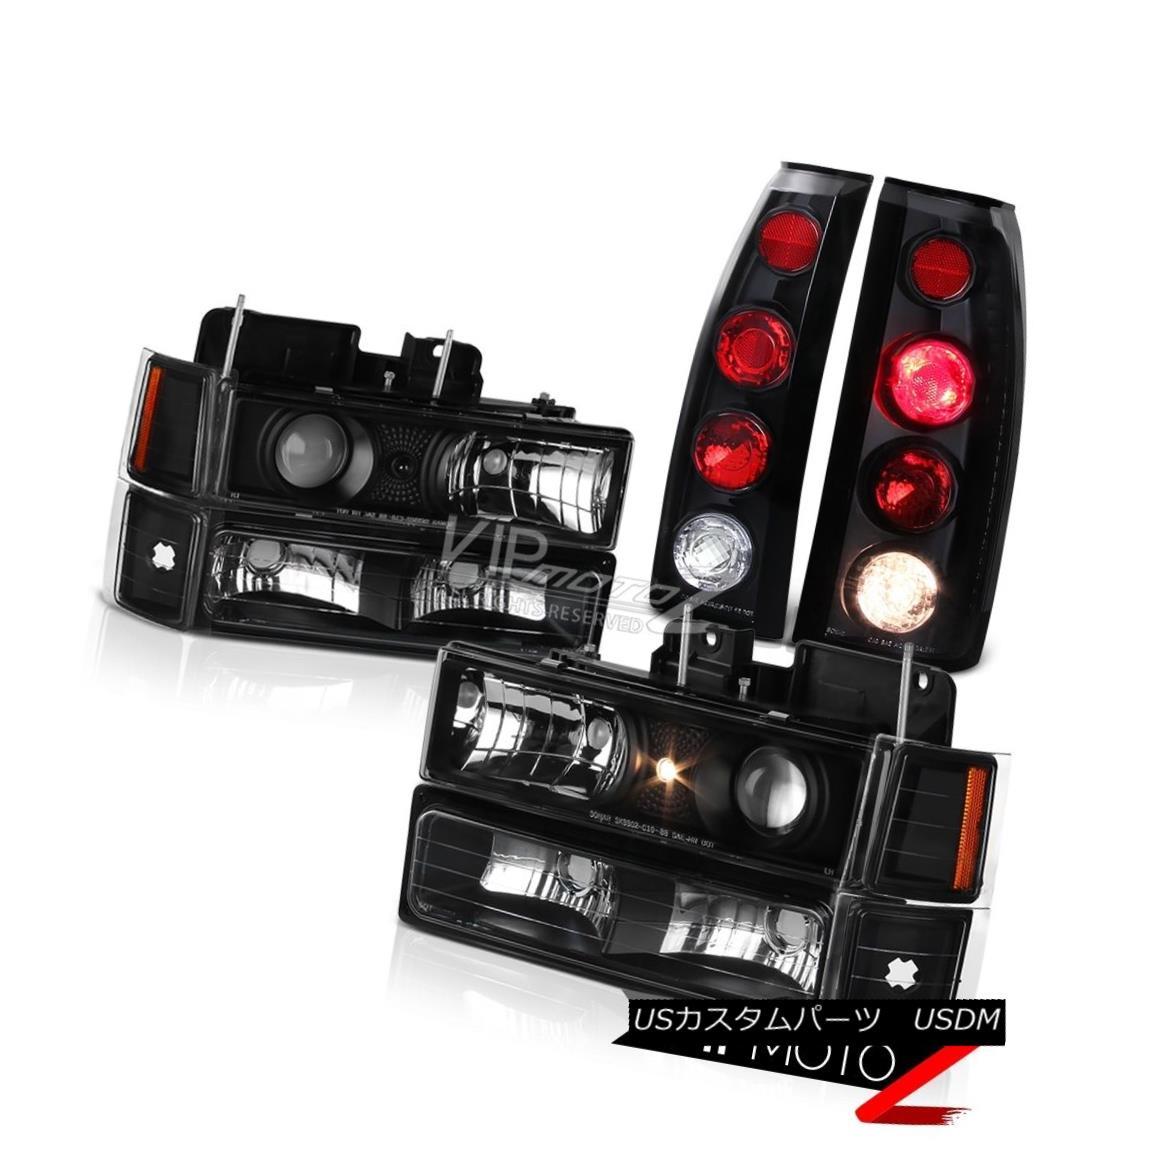 ヘッドライト 1994-1998 Chevy Silverado Suburban Tahoe Black Corner Tail Light Headlights Lamp 1994-1998シボレーシルバラード郊外のタホーブラックコーナーテールライトヘッドライトランプ